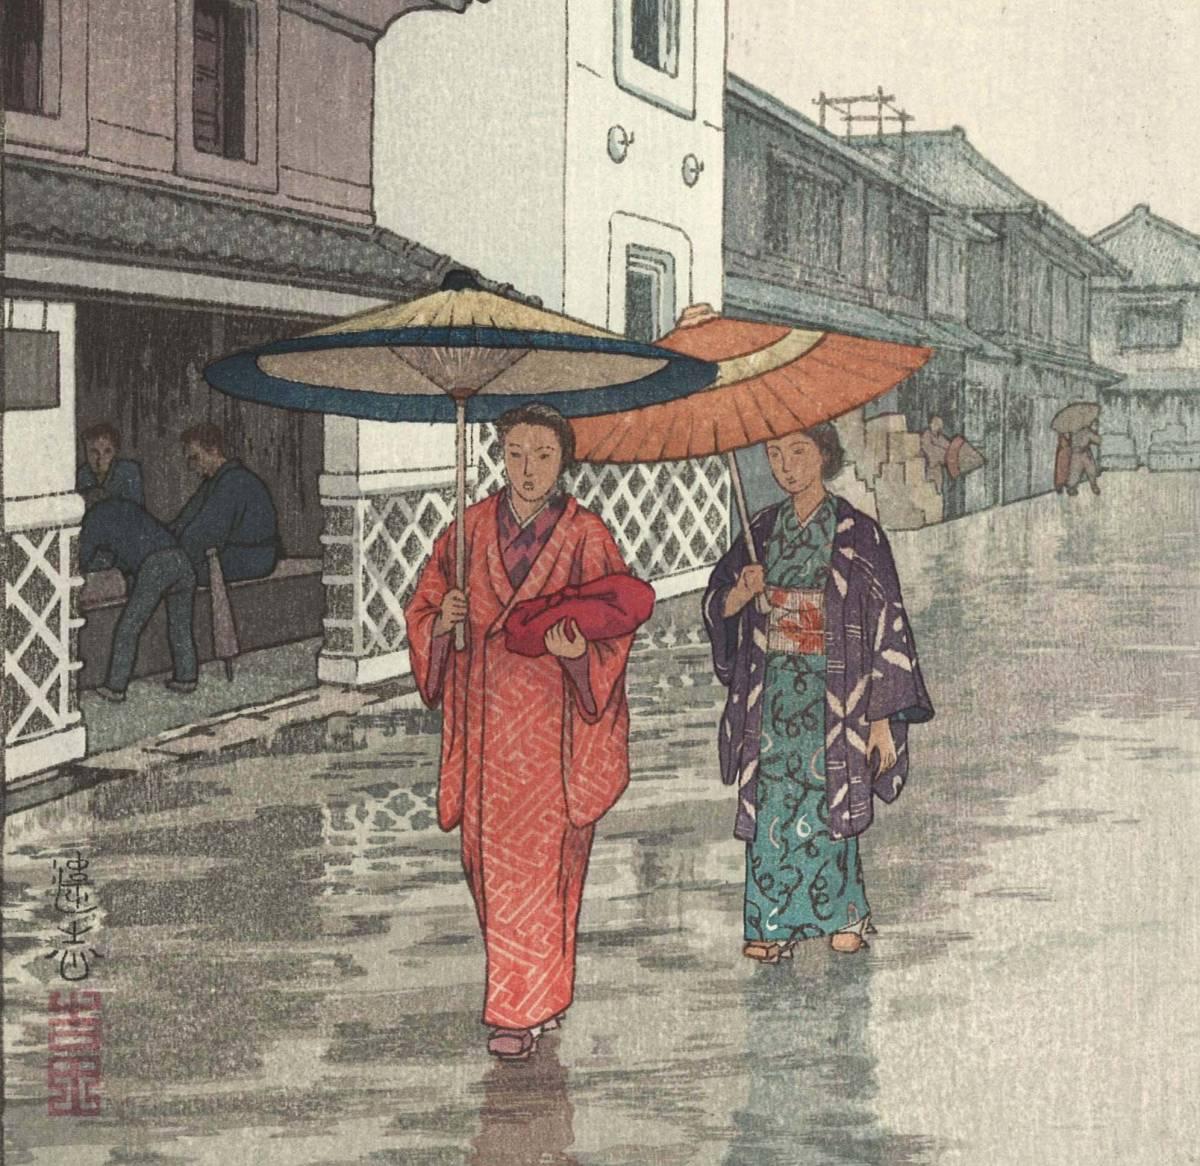 吉田遠志 木版画 014002 雨傘 (Umbrella) 初摺1940年  最高峰の摺師の技をご堪能下さい!!_画像7